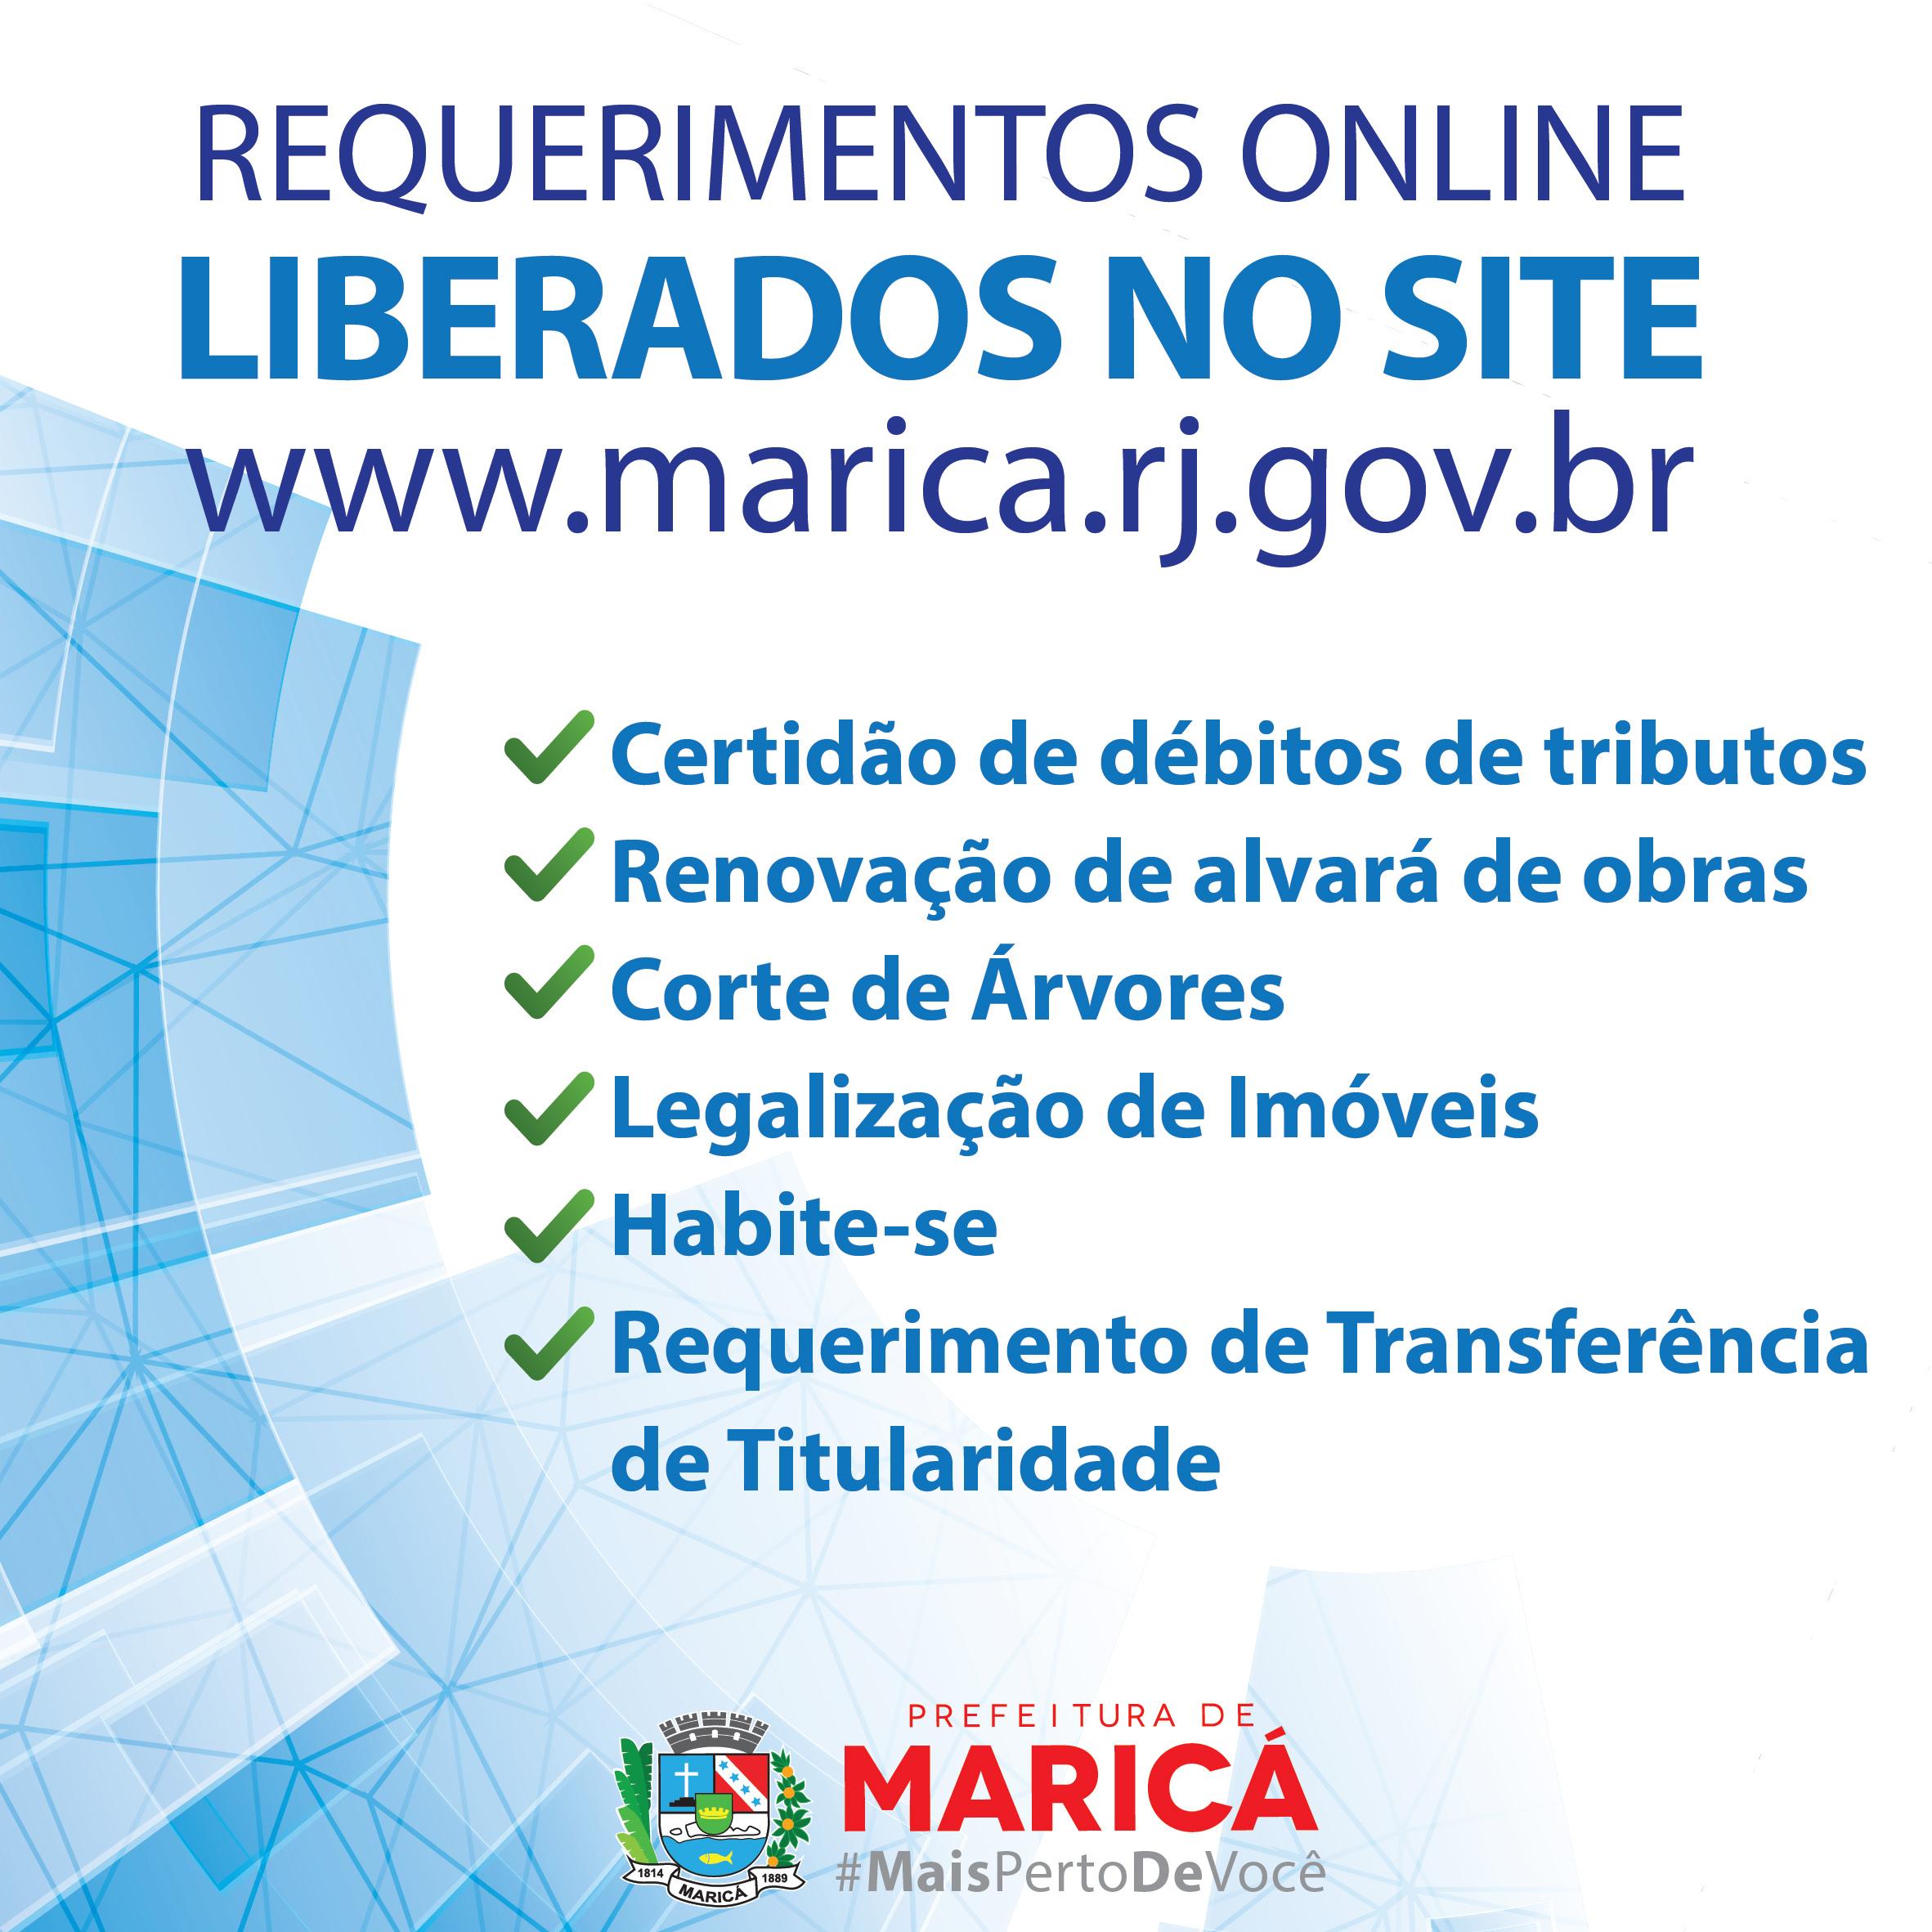 Maricá: Requerimentos para serviços disponíveis no site da prefeitura